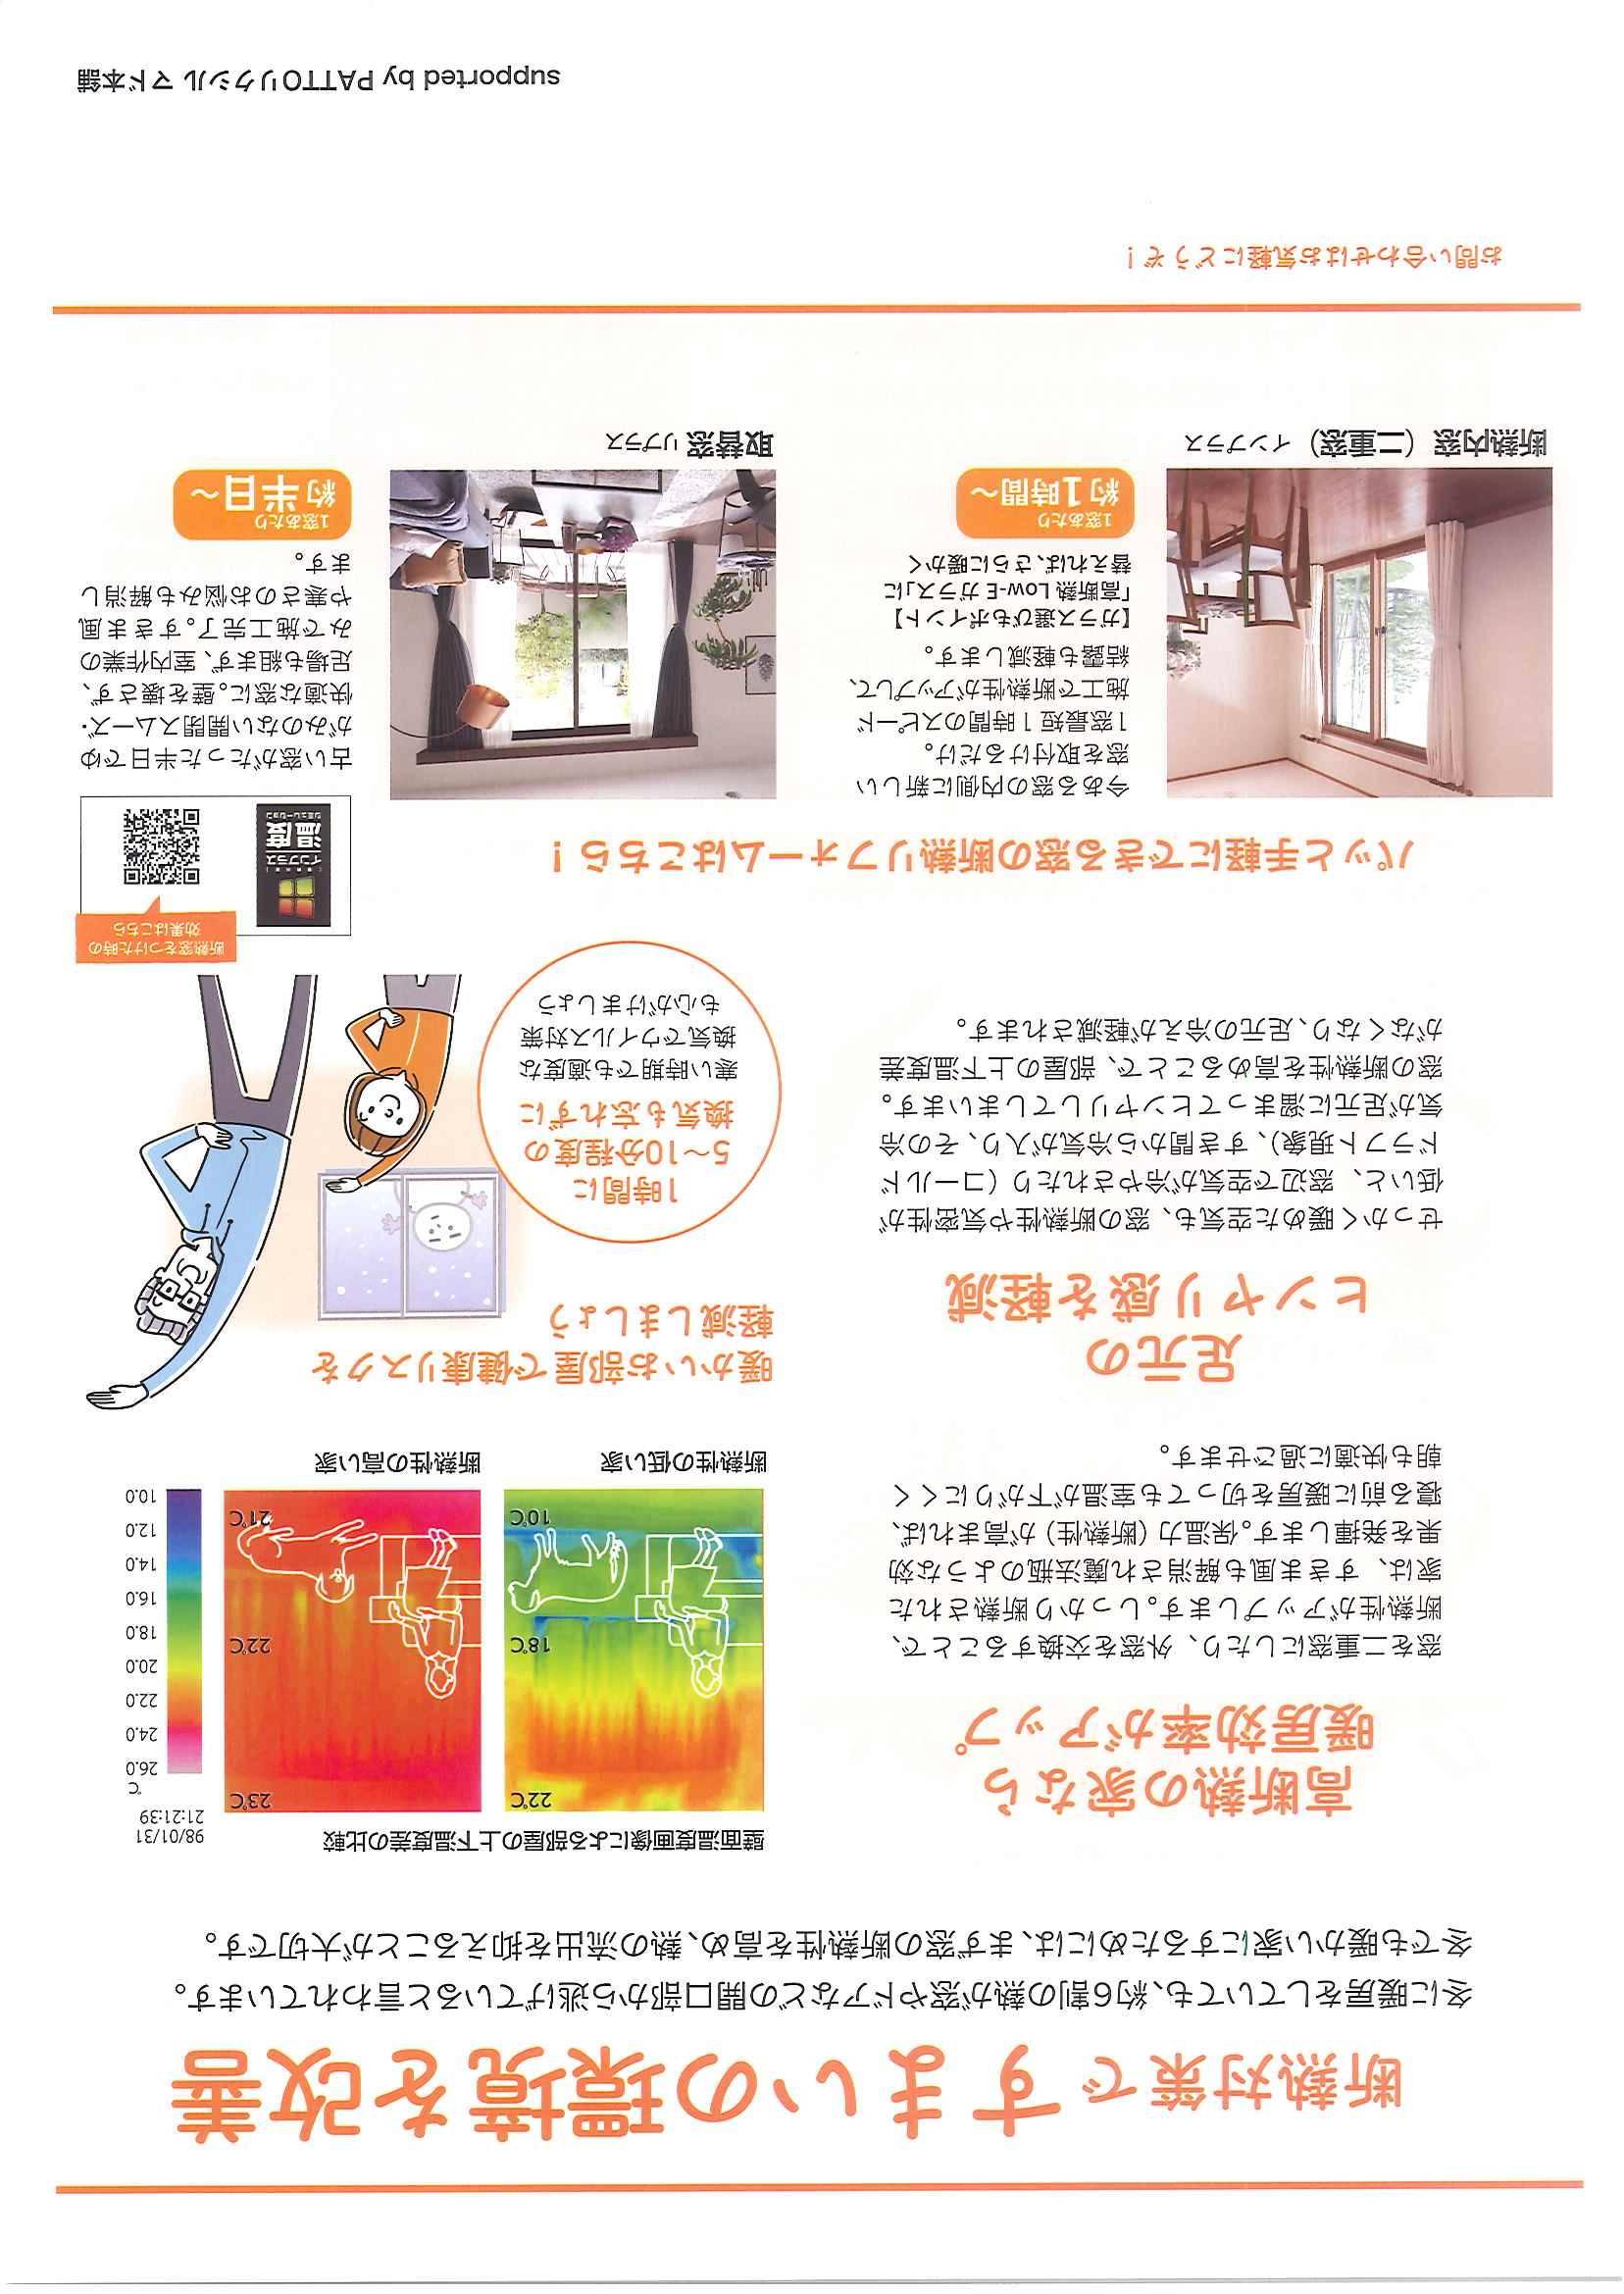 マド本舗 🐥すまいの健康・快適だより①号🐸 ヒロトーヨー住器の現場ブログ 写真2